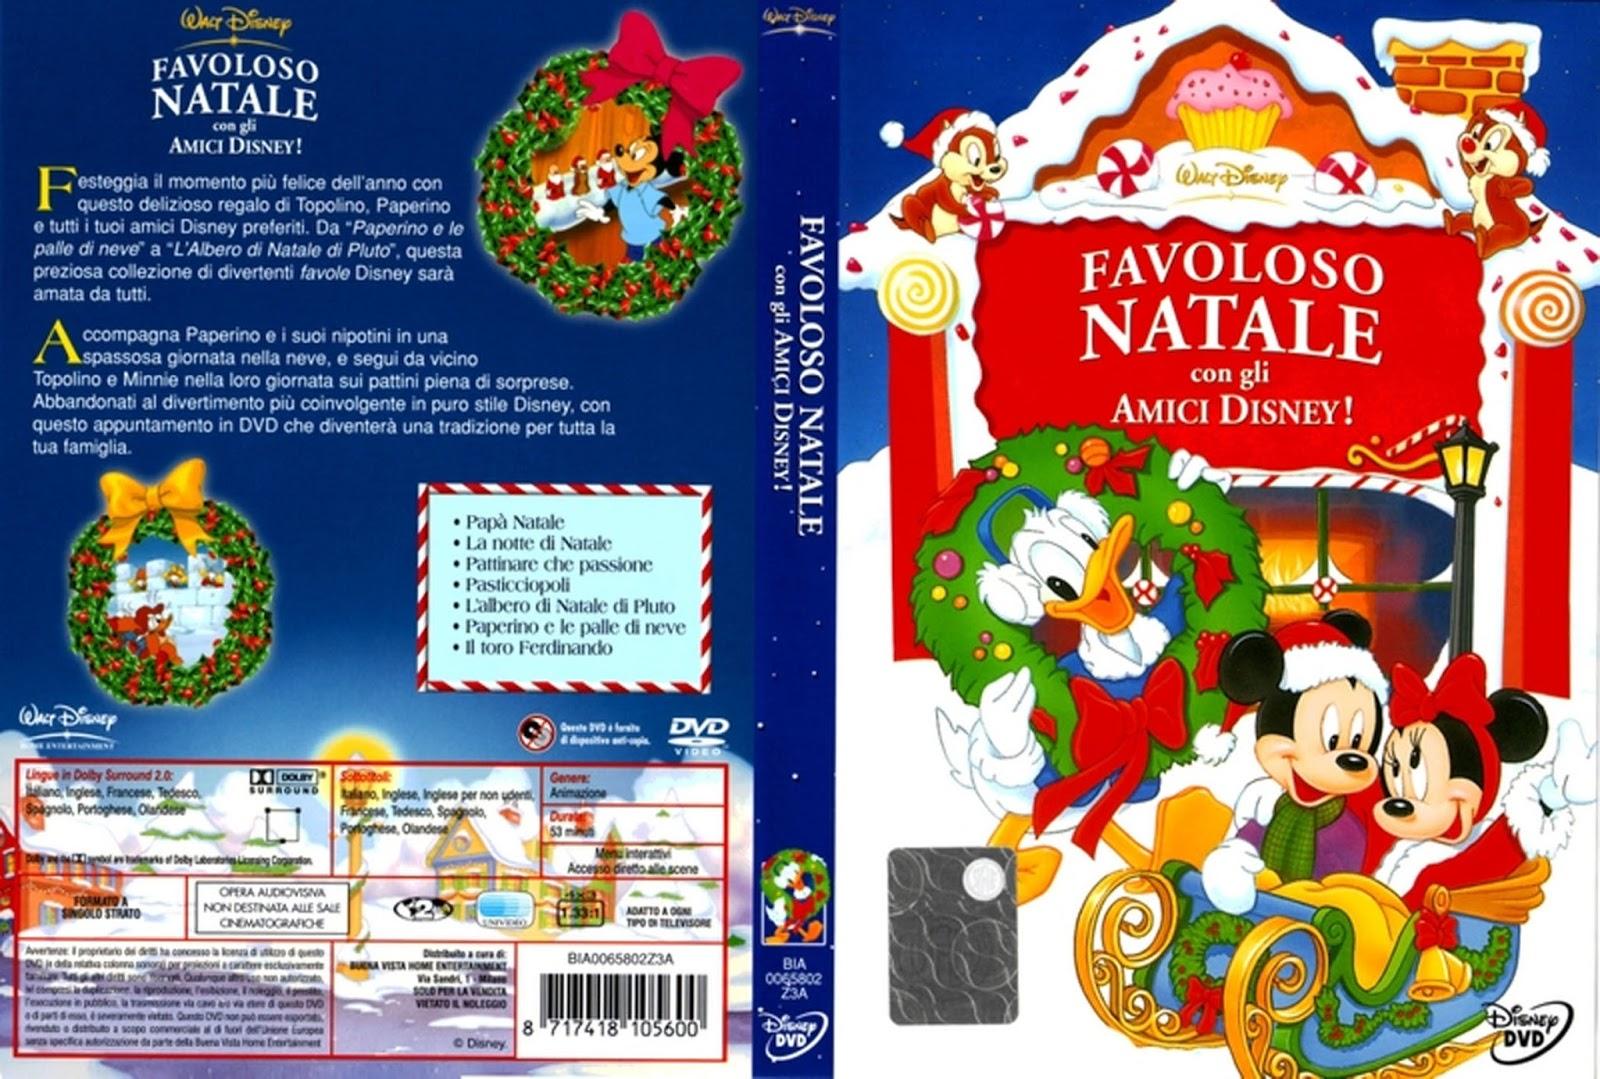 Disney Animazione: Favoloso Natale con gli Amici Disney - DVD